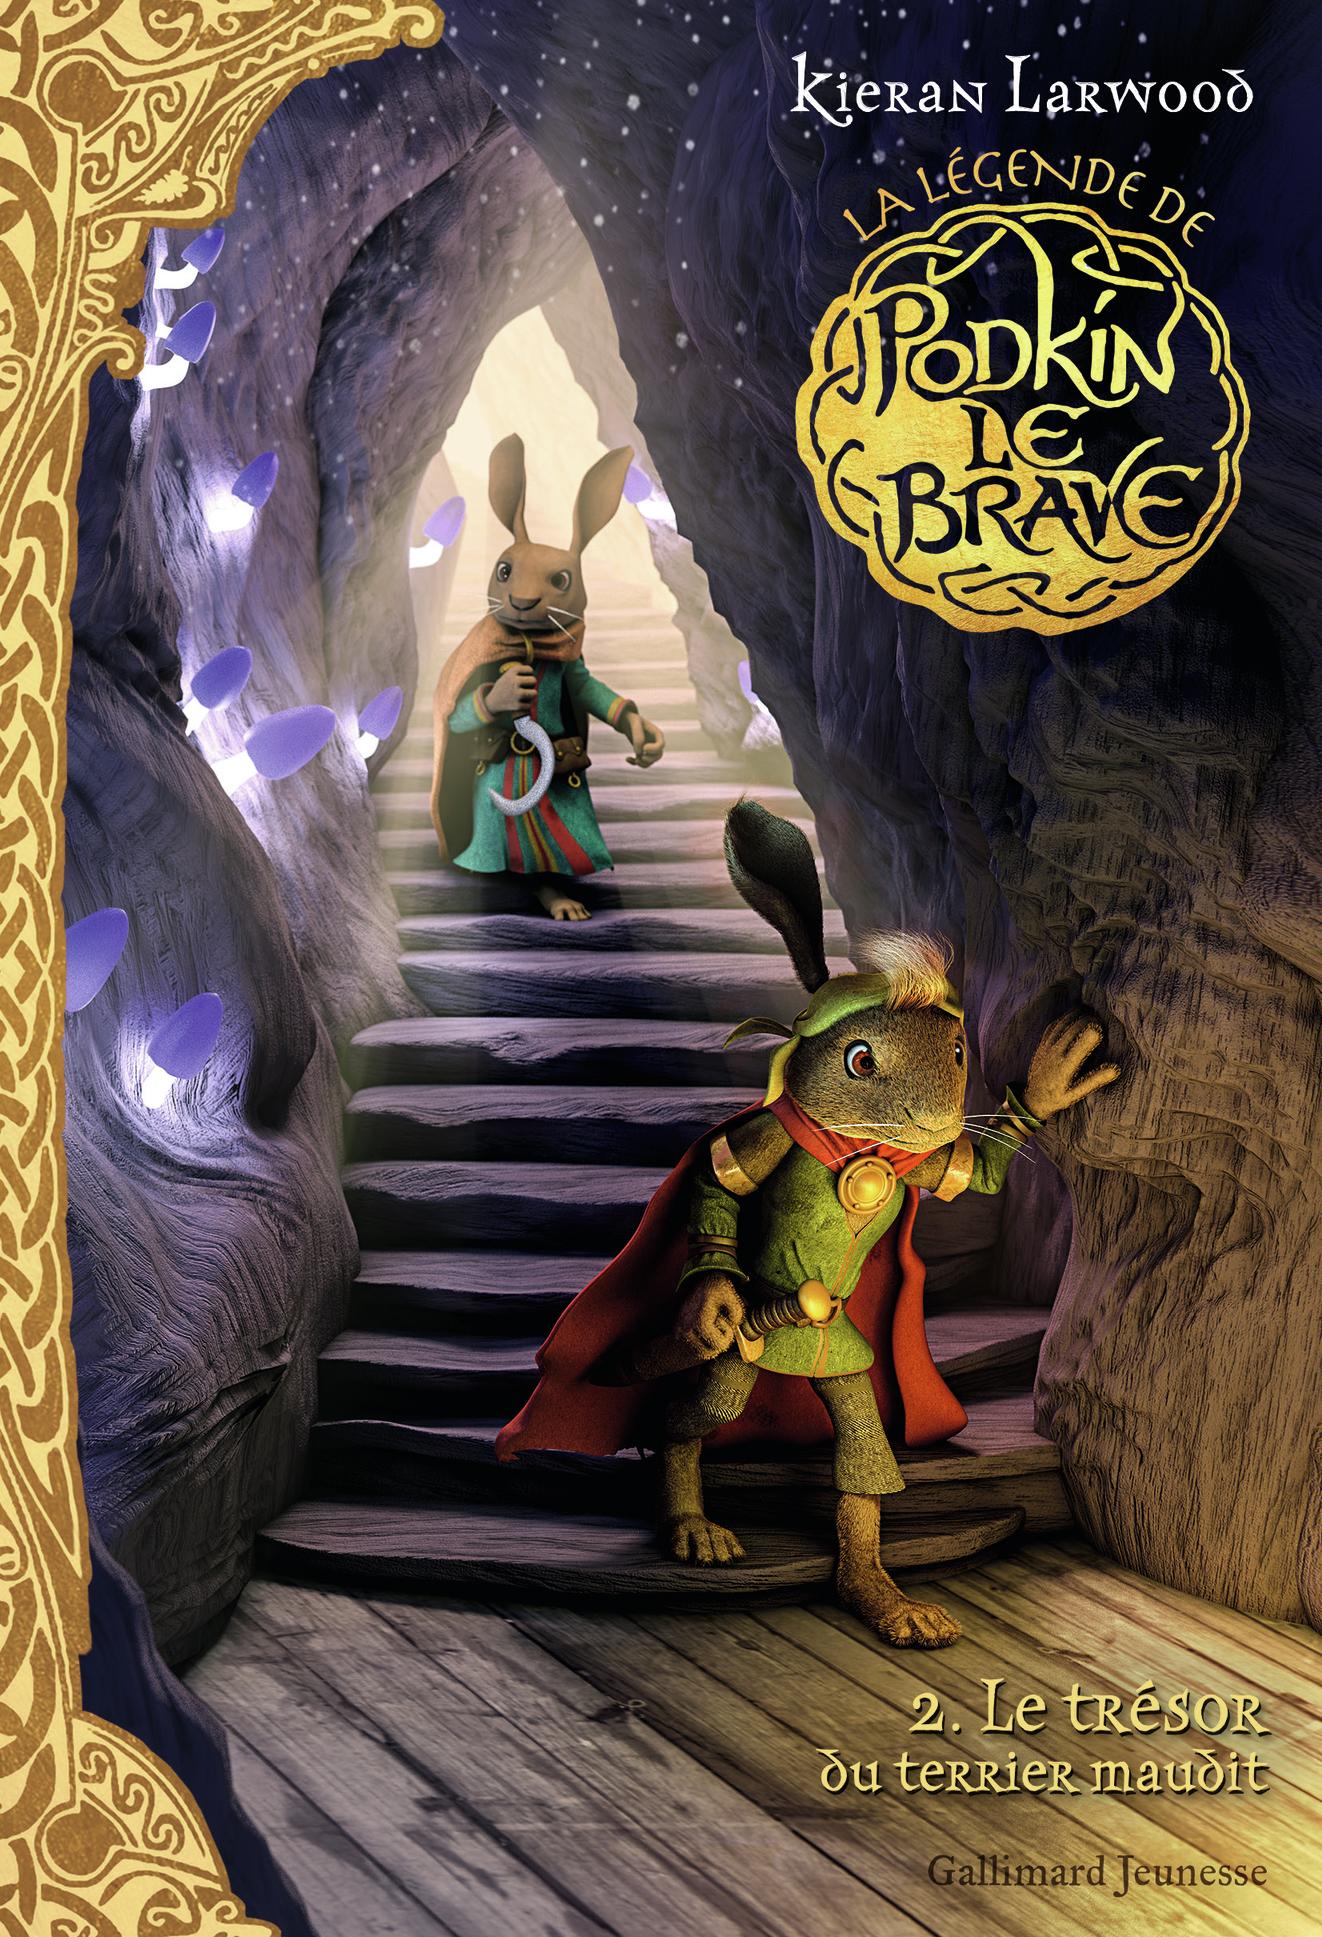 La légende de Podkin Le Brave (Tome 2) - Le trésor du terrier maudit